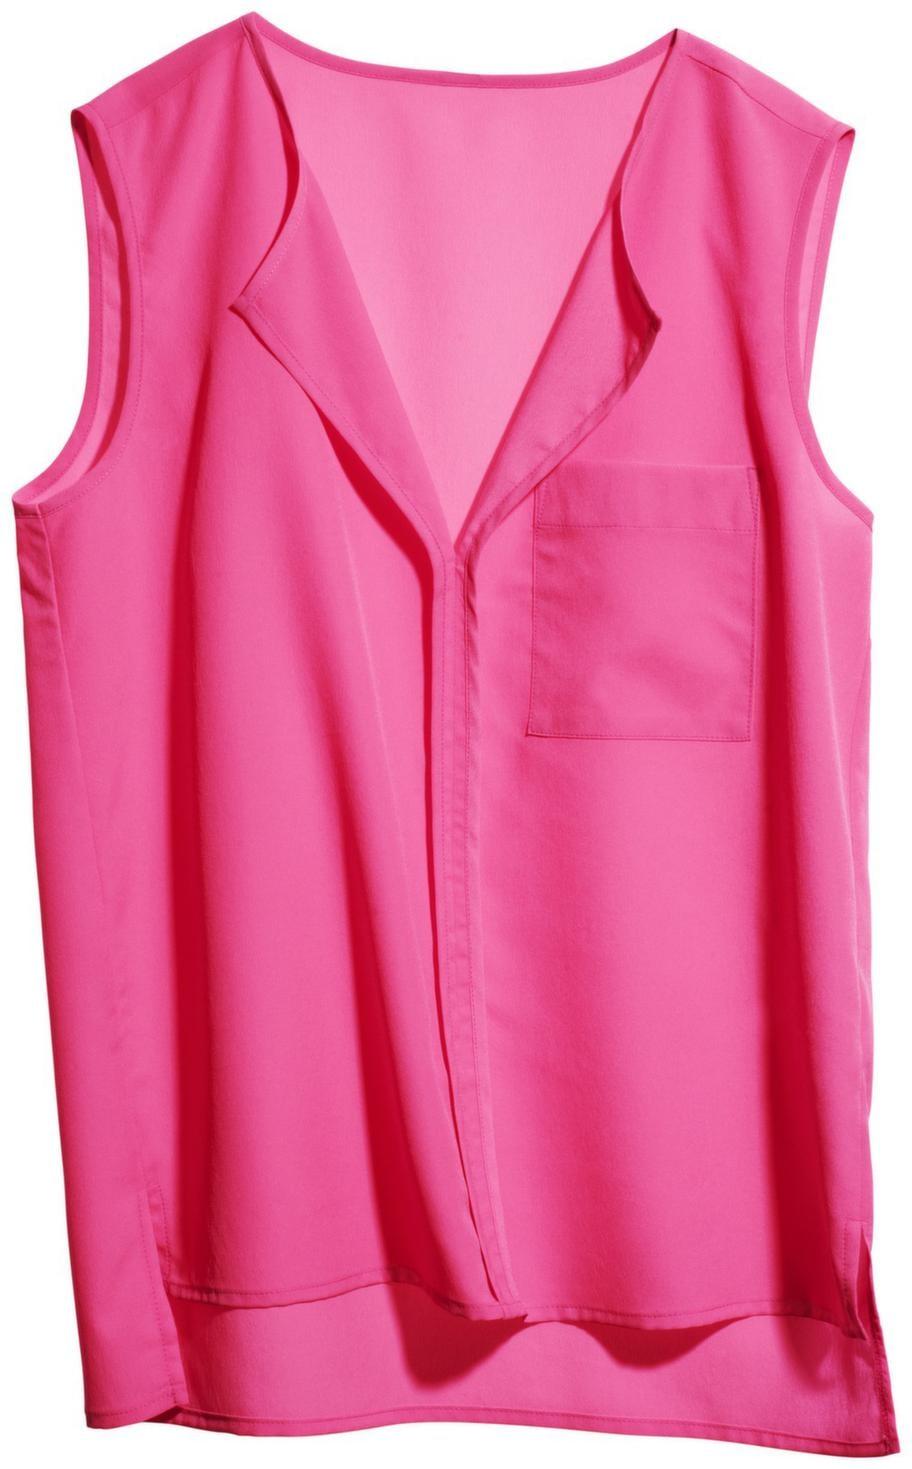 Den här ärmlösa blusen från H&M blir en fin färgklick under kavajen. Den blir din för 149 kronor.